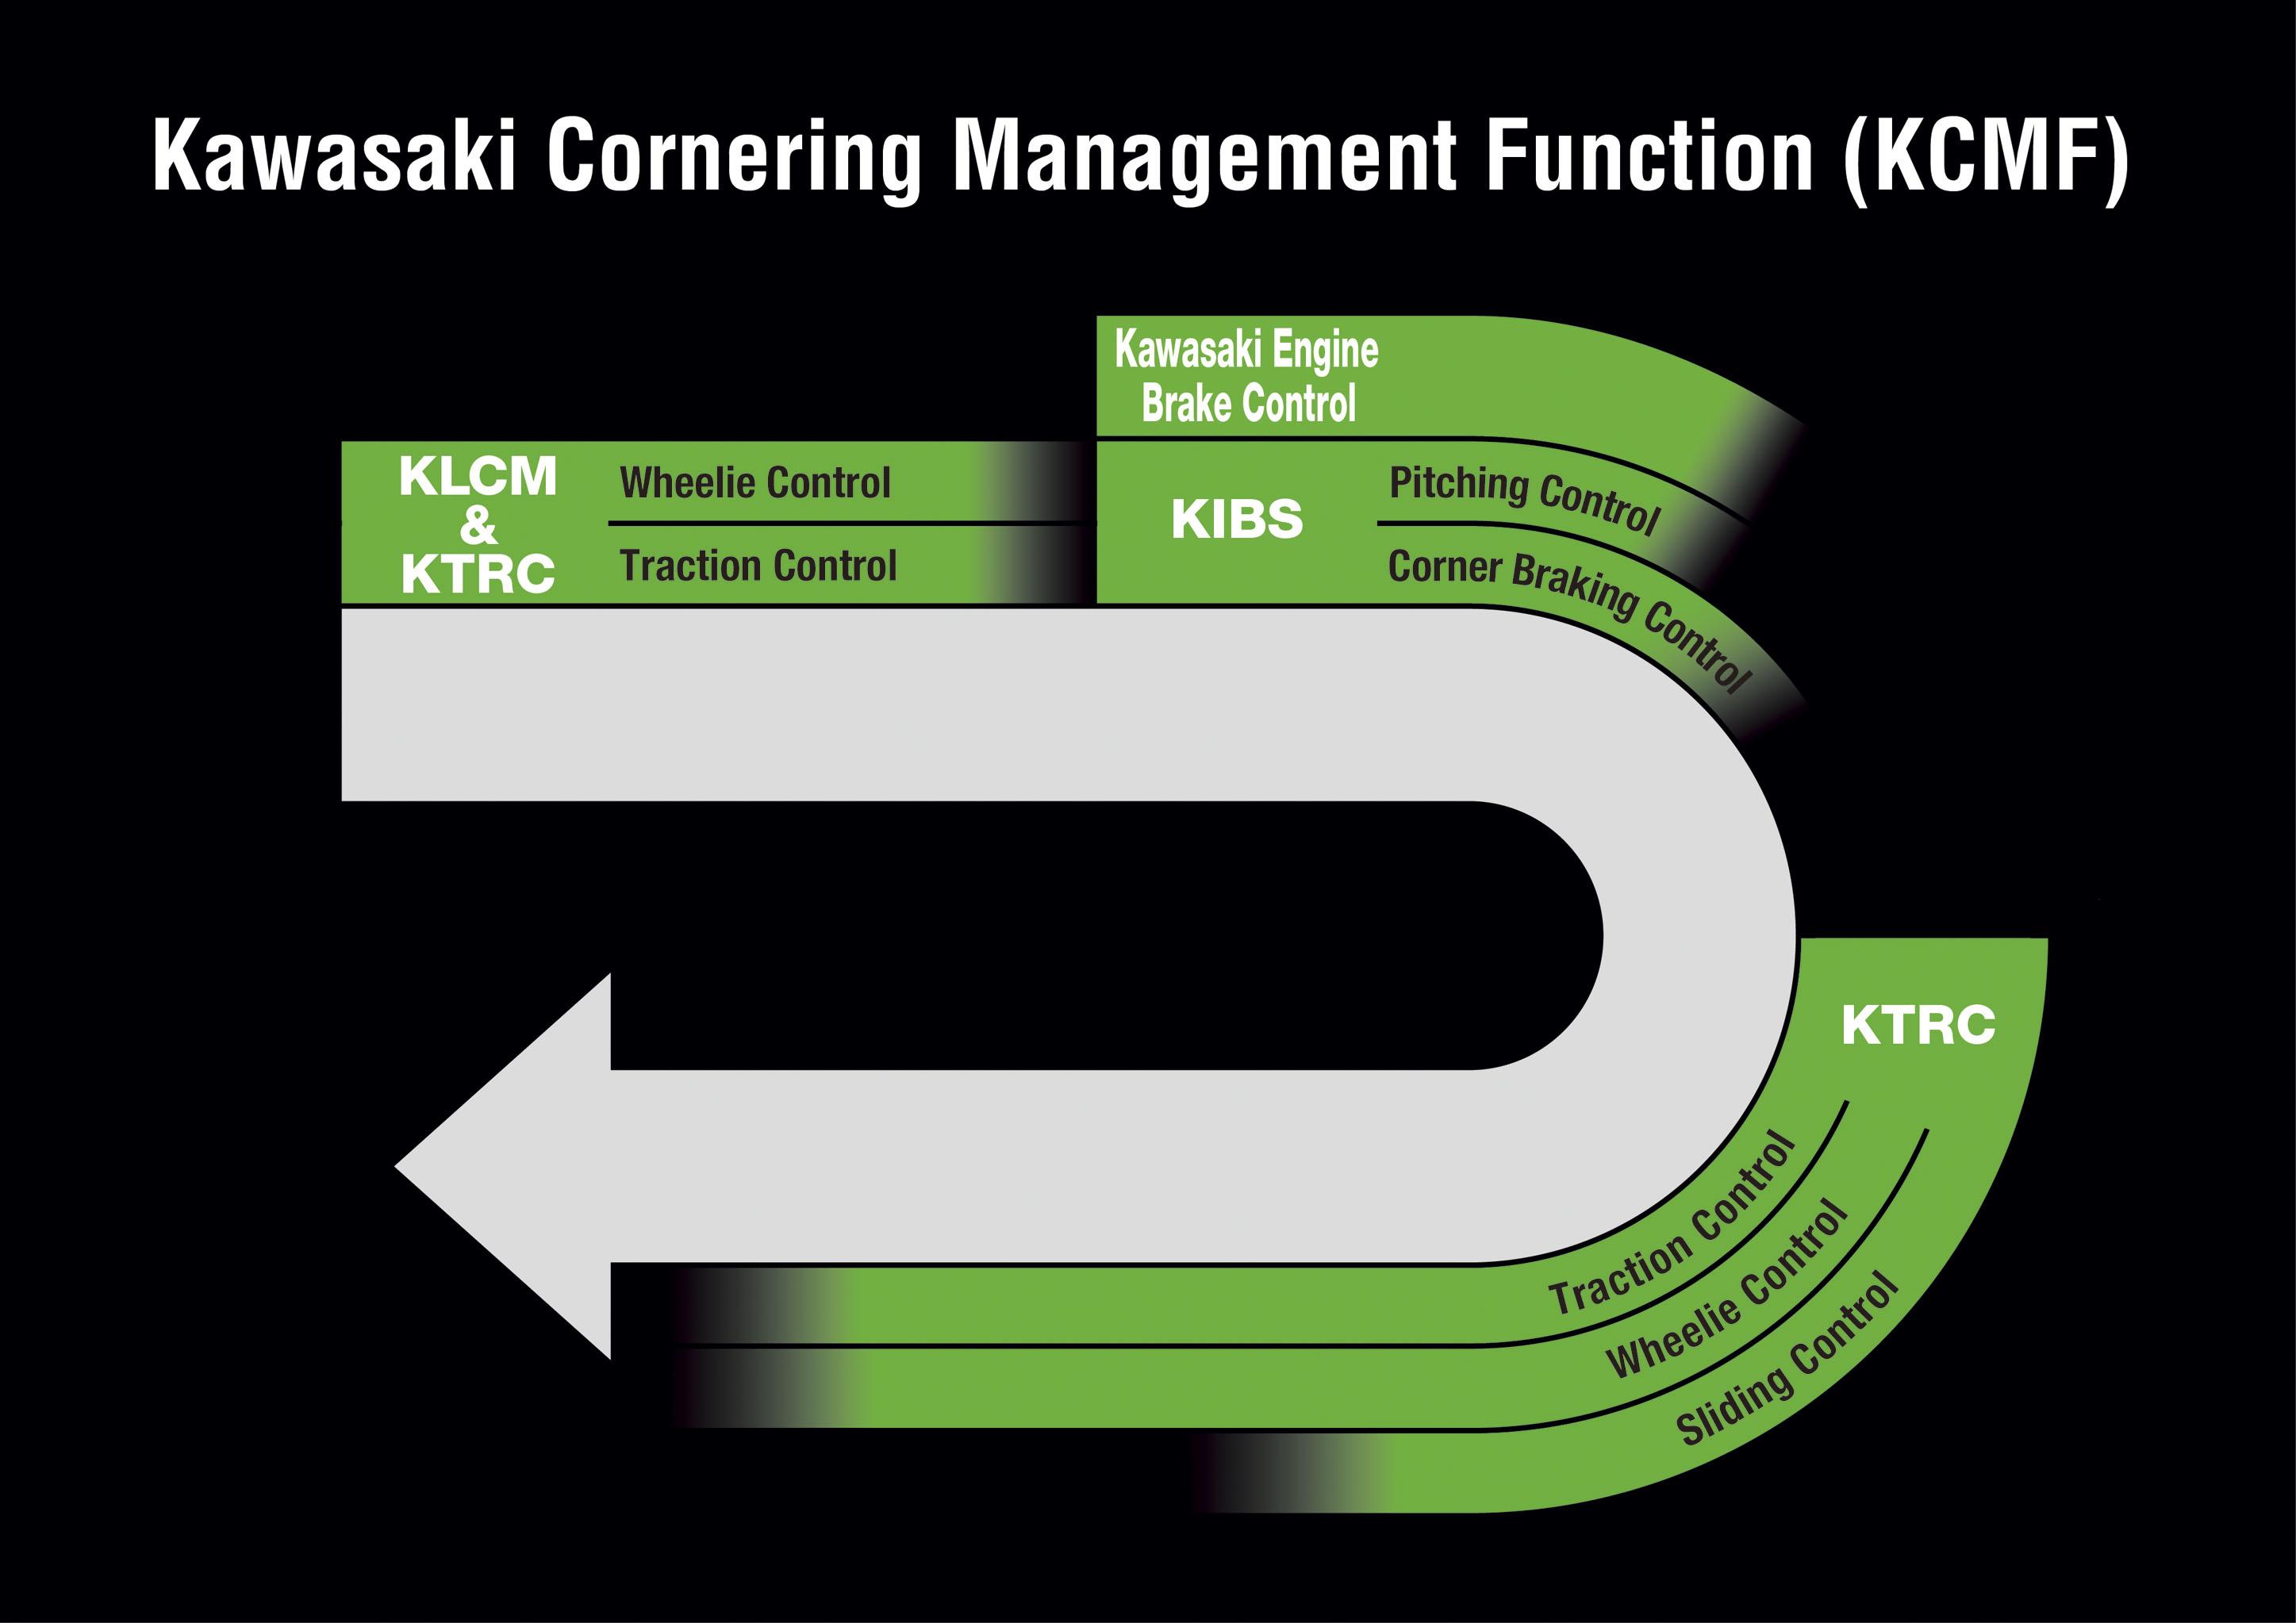 KCMF - Função de gerenciamento de curvas Kawasaki